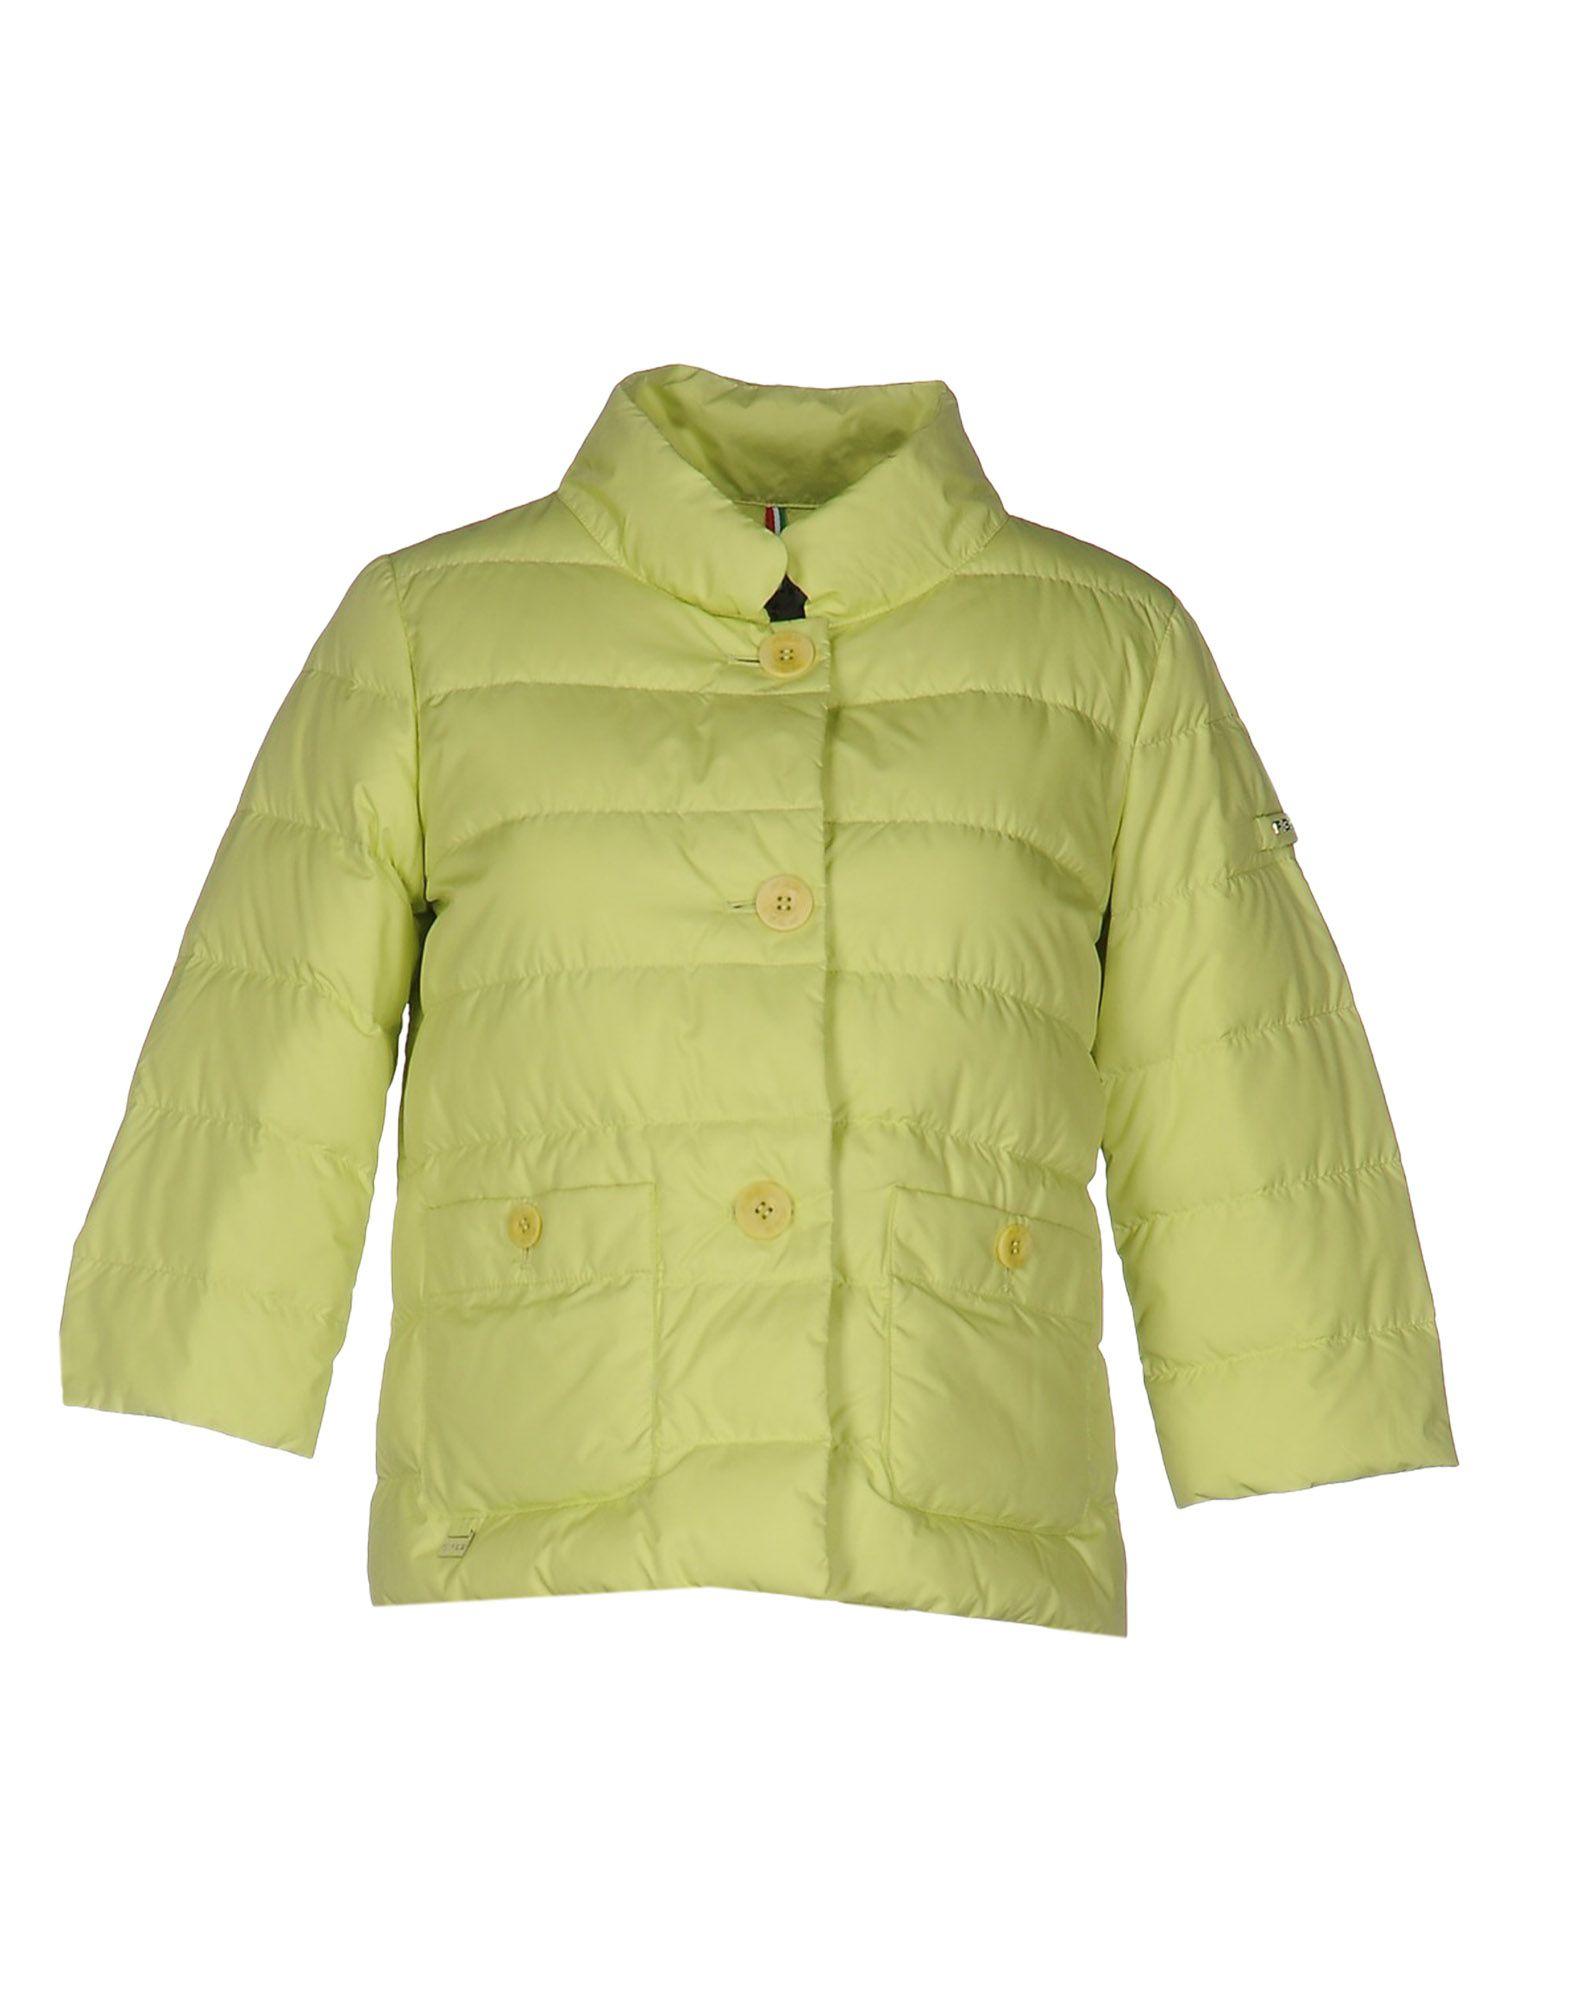 F32 Down jackets